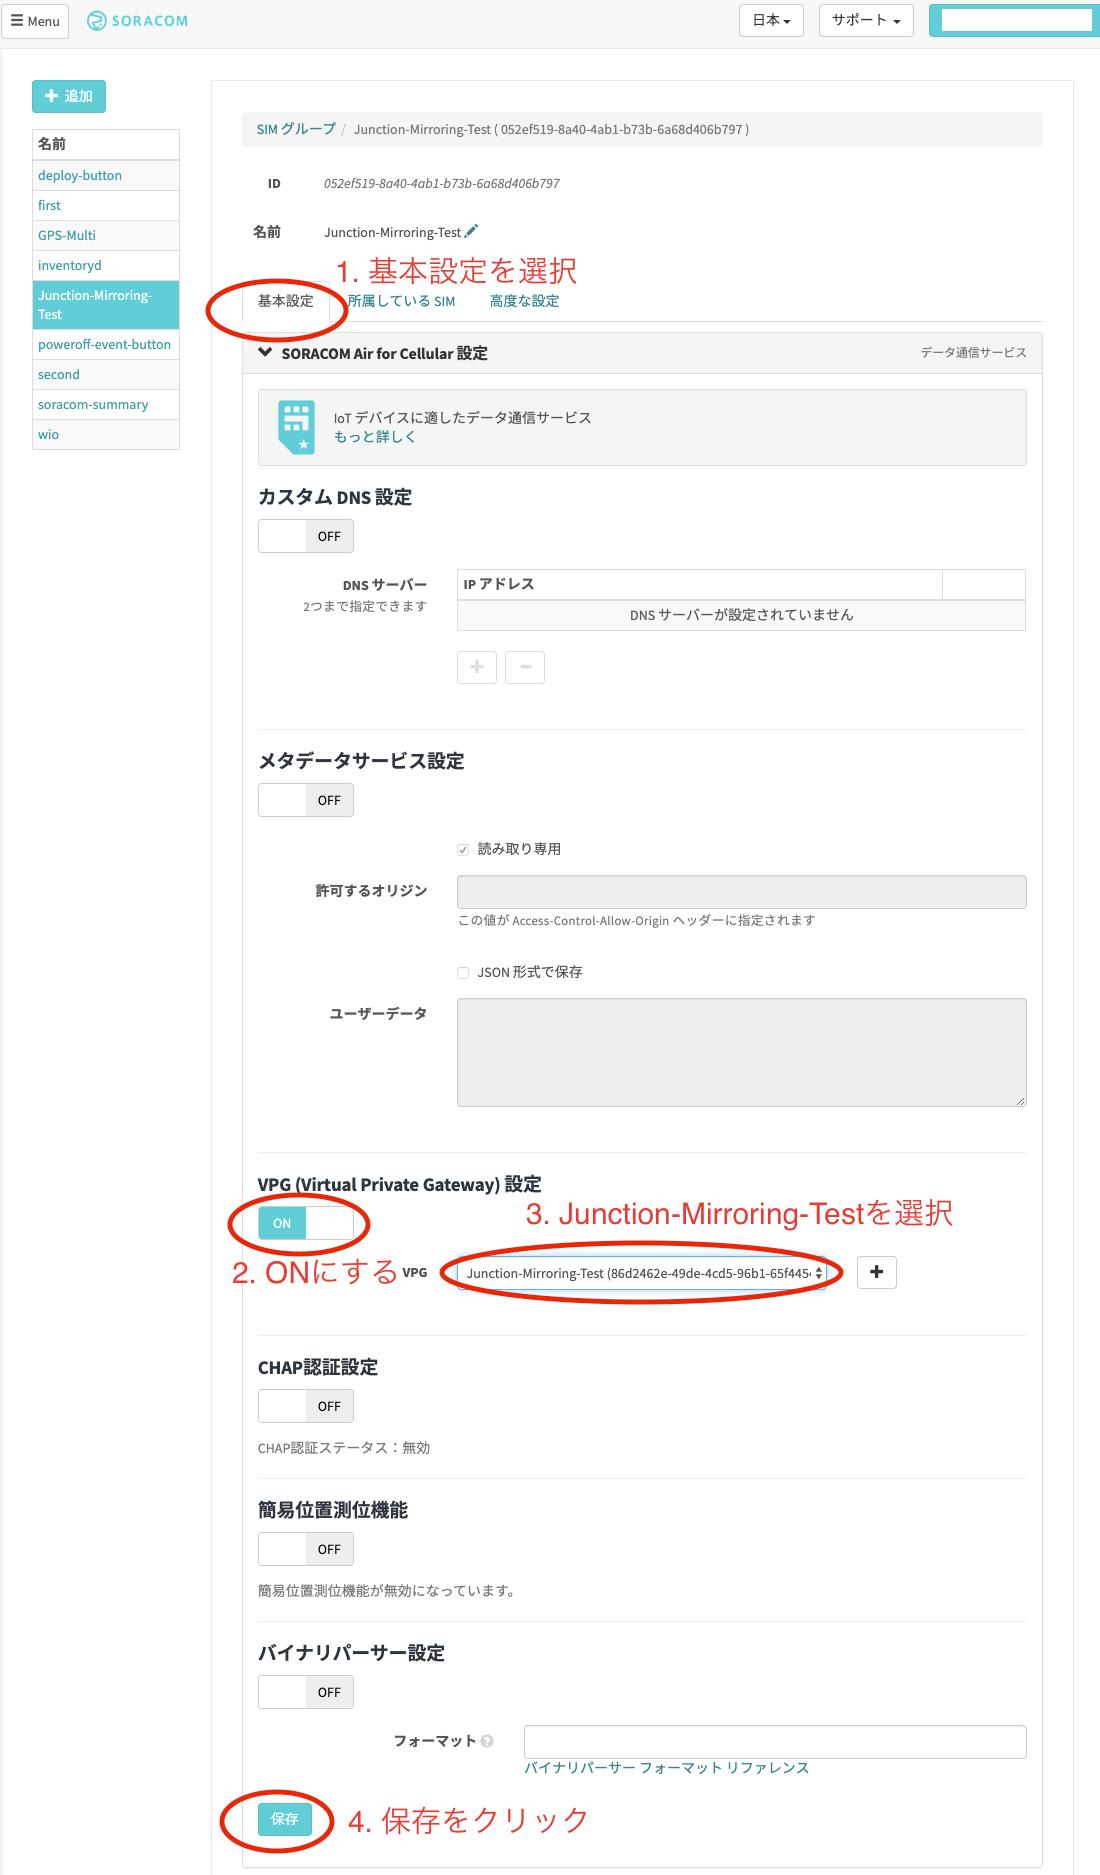 スクリーンショット 2020-03-08 0.19.59.png